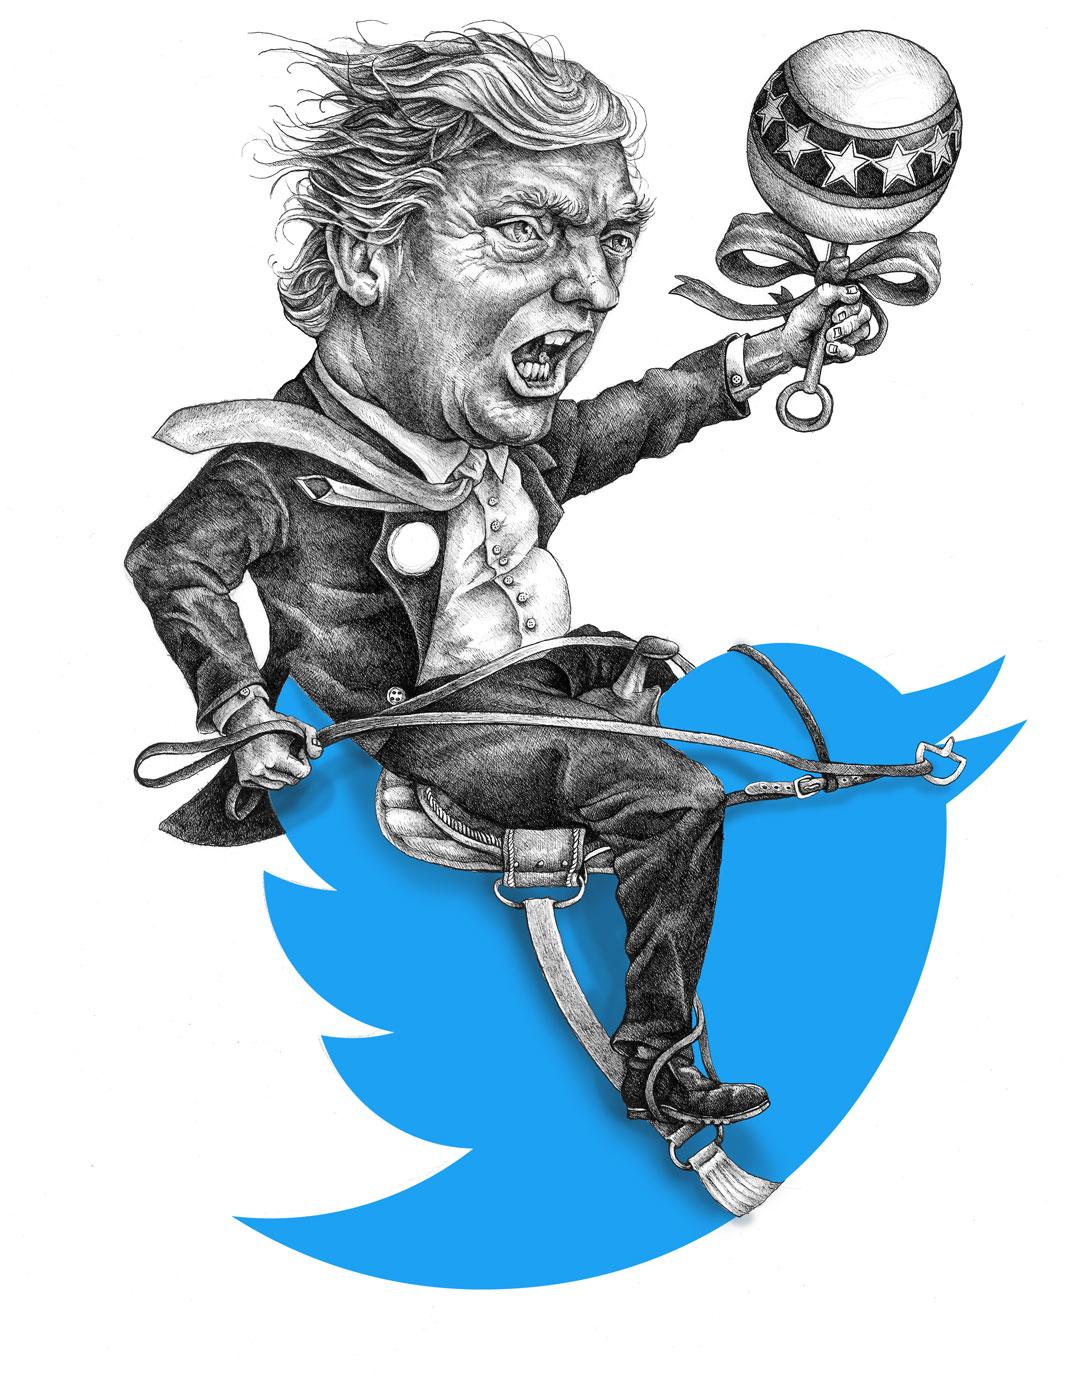 Trump_TwitterBabyRage2.jpg